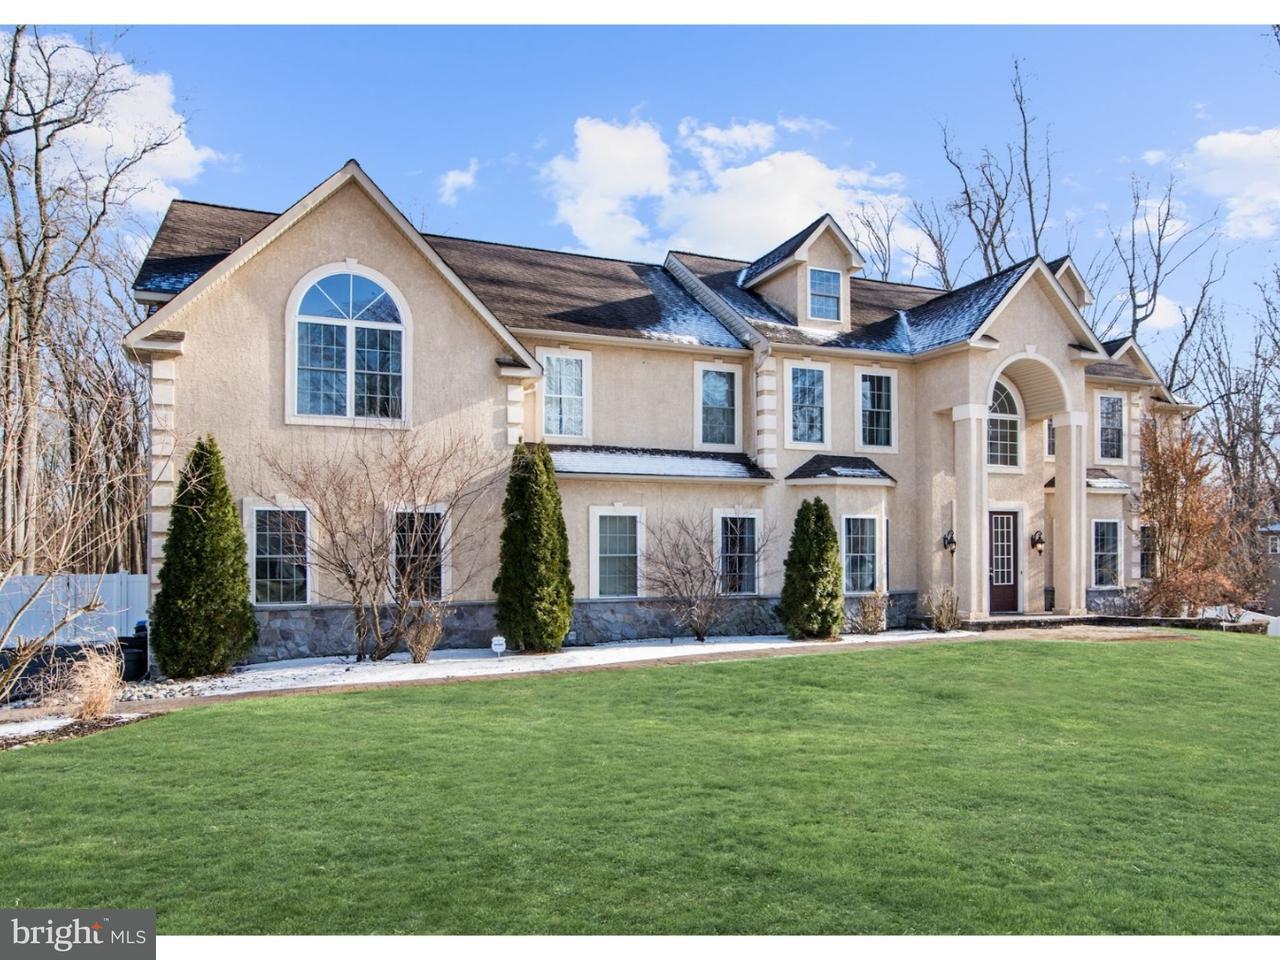 단독 가정 주택 용 매매 에 127 ERICA Drive Swedesboro, 뉴저지 08085 미국